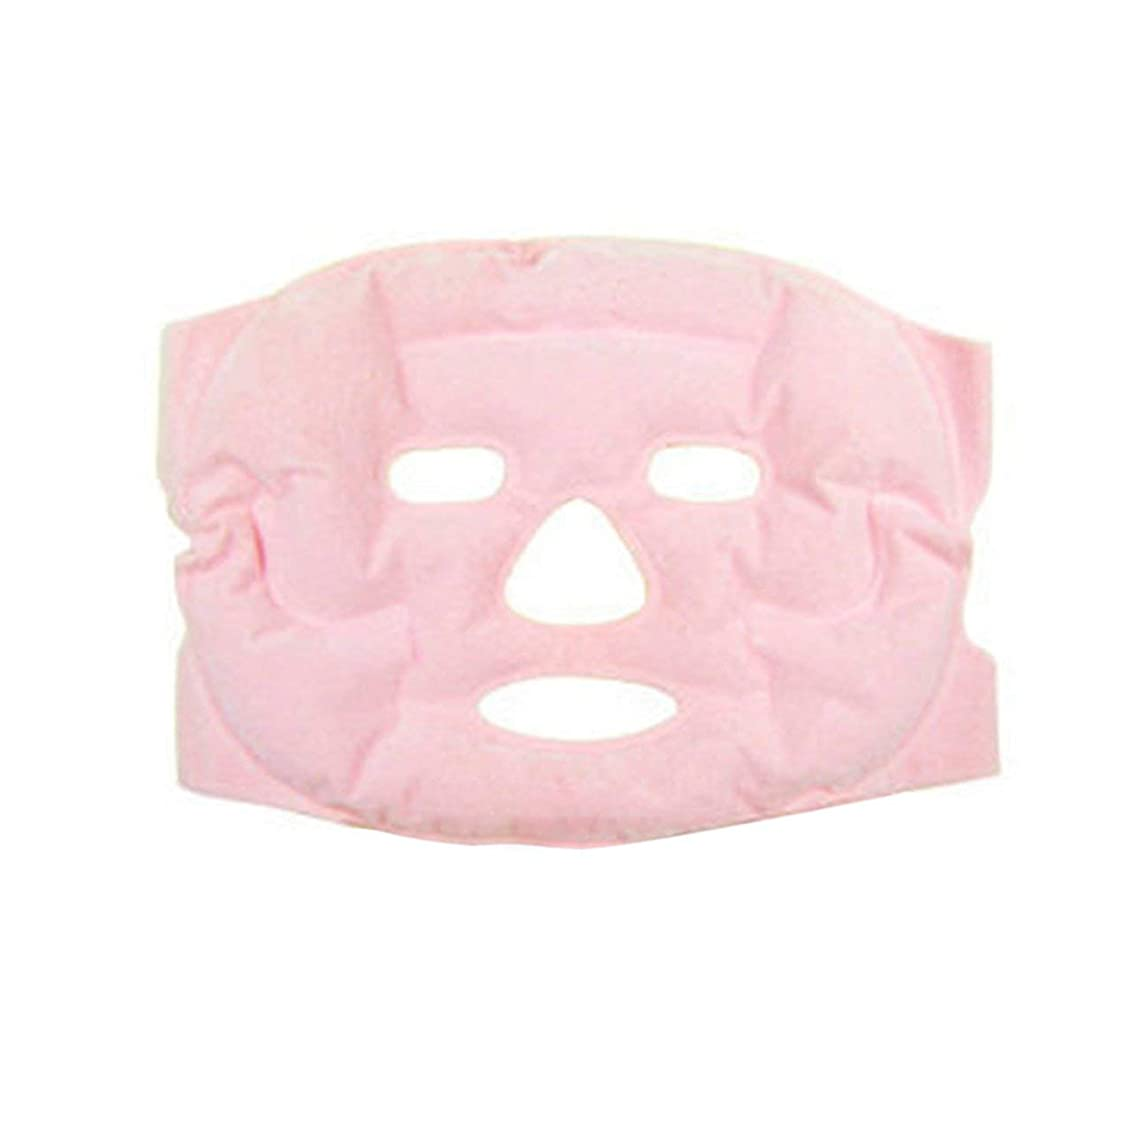 DeeploveUU 快適な美容フェイスリフトマスクトルマリン磁気療法マッサージアンチリンクルモイスチャライジングヘルスケアフェイスマスク